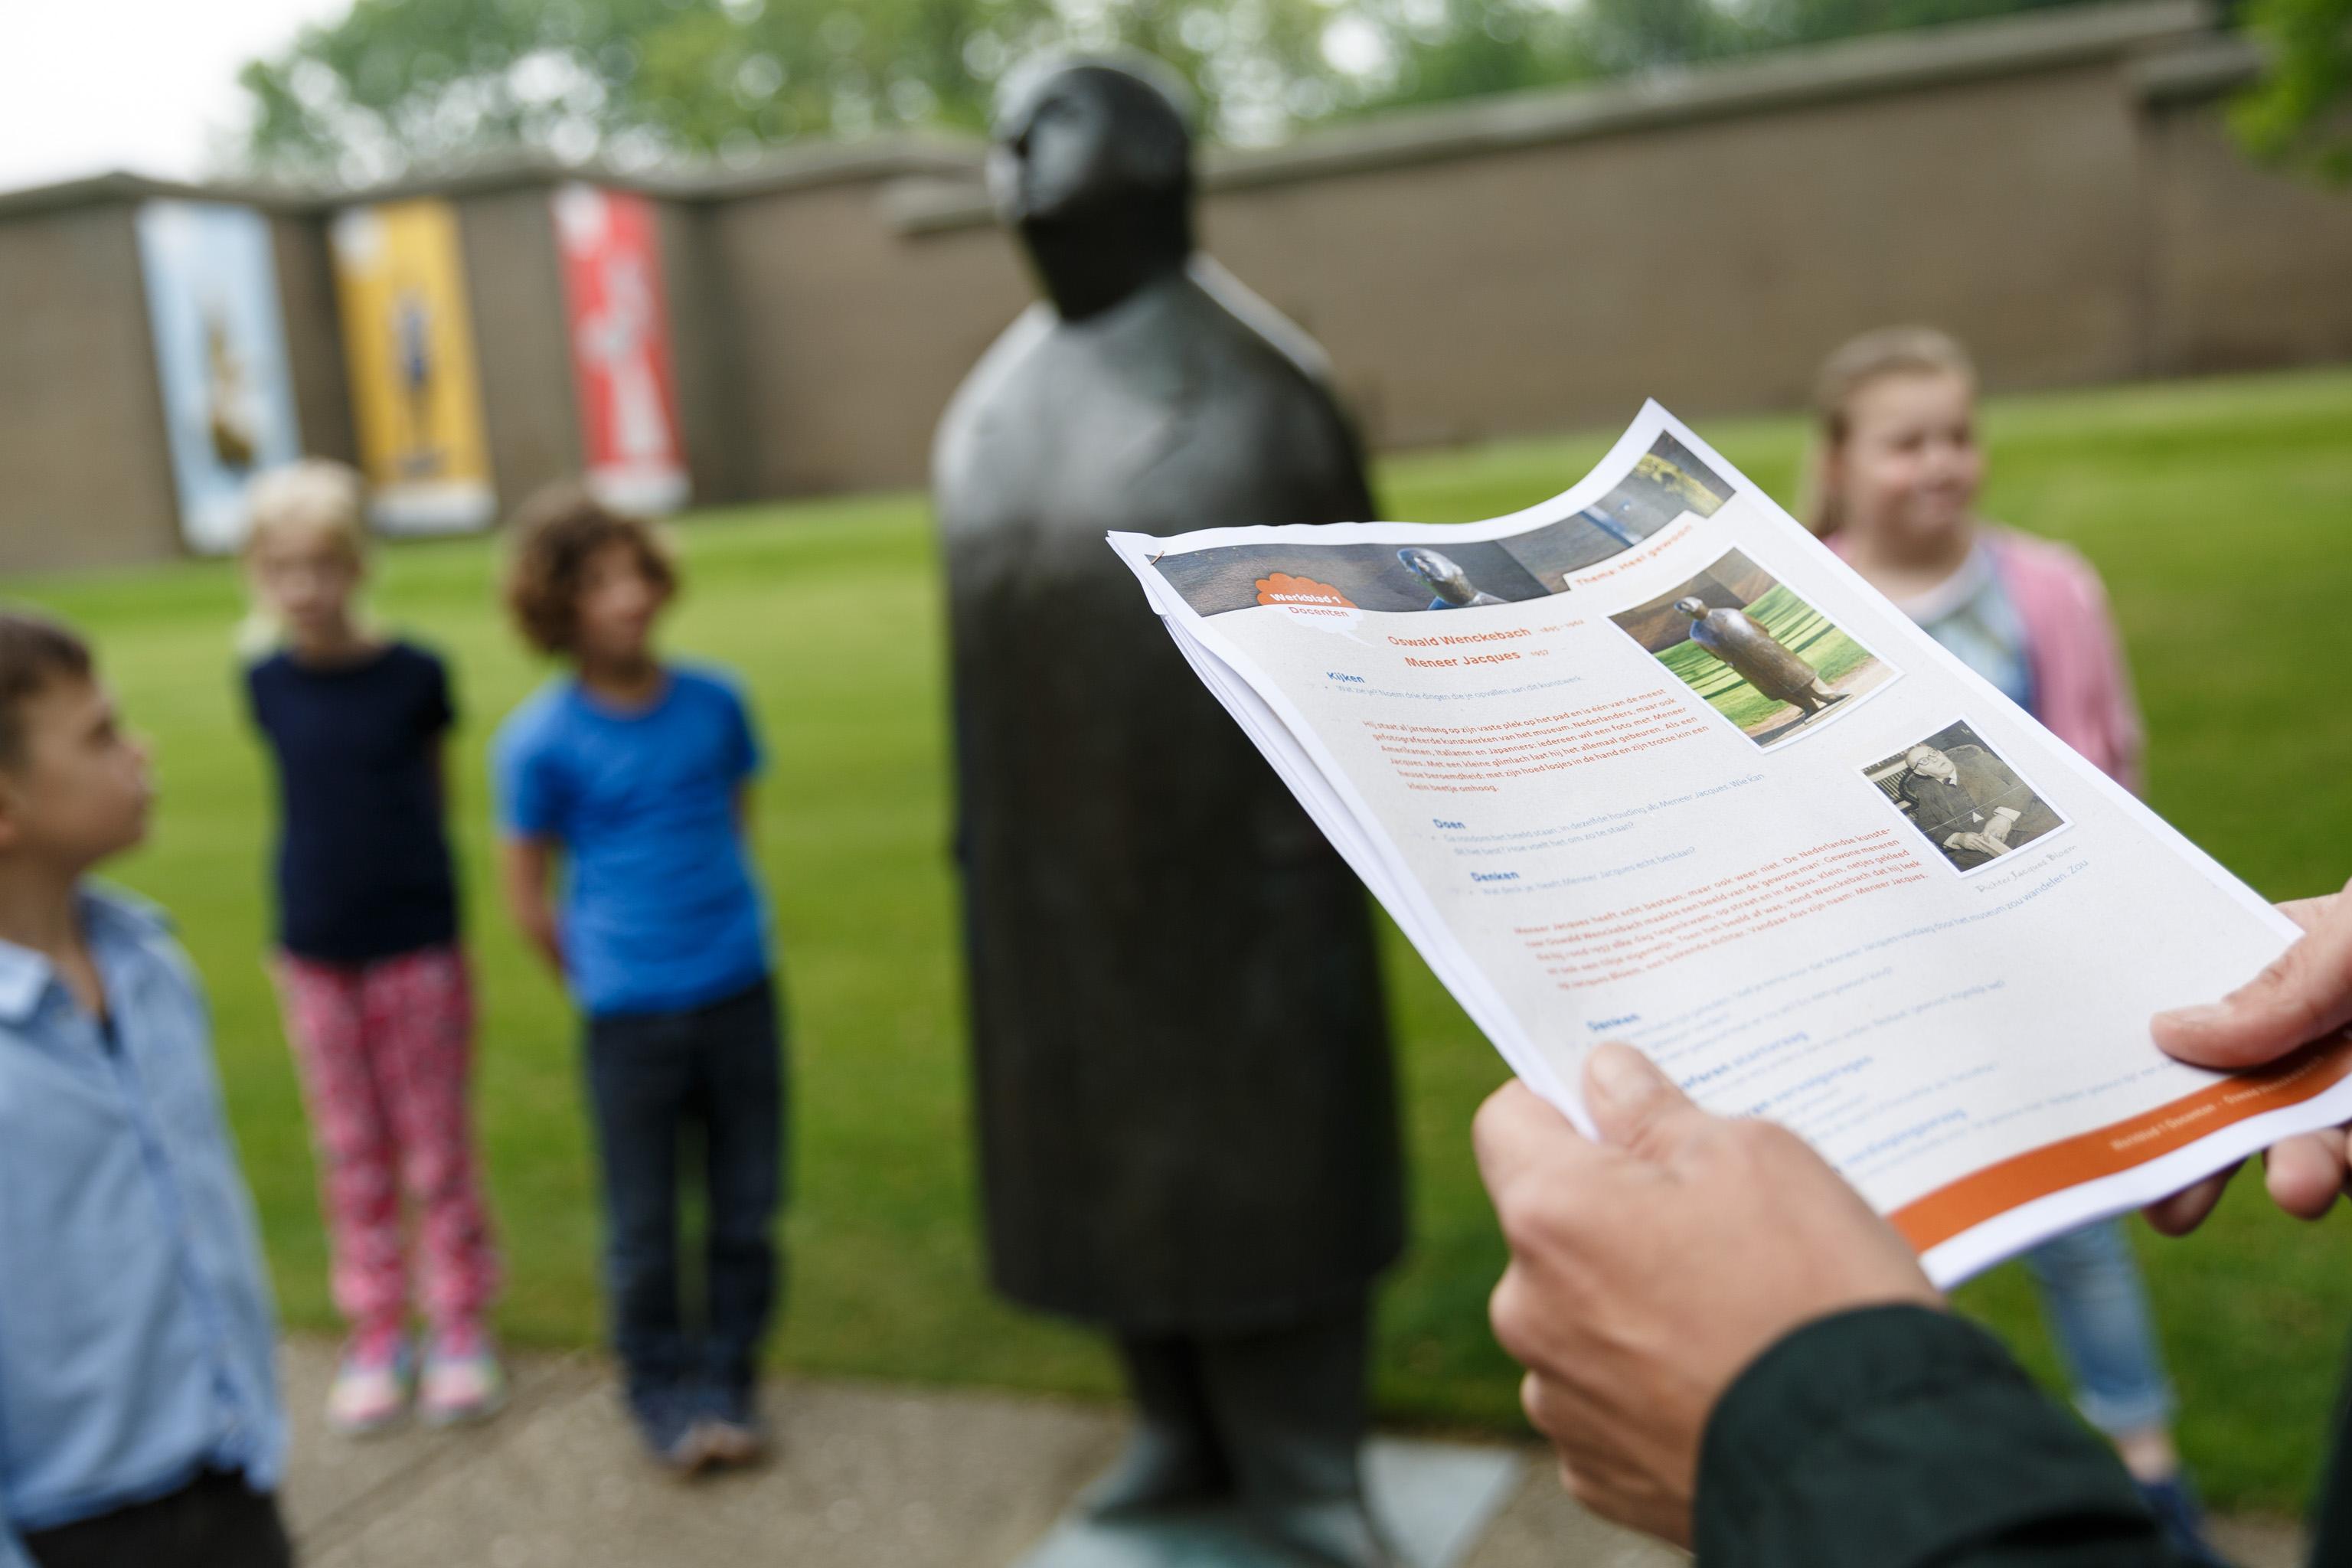 Mini-course philosophising with children